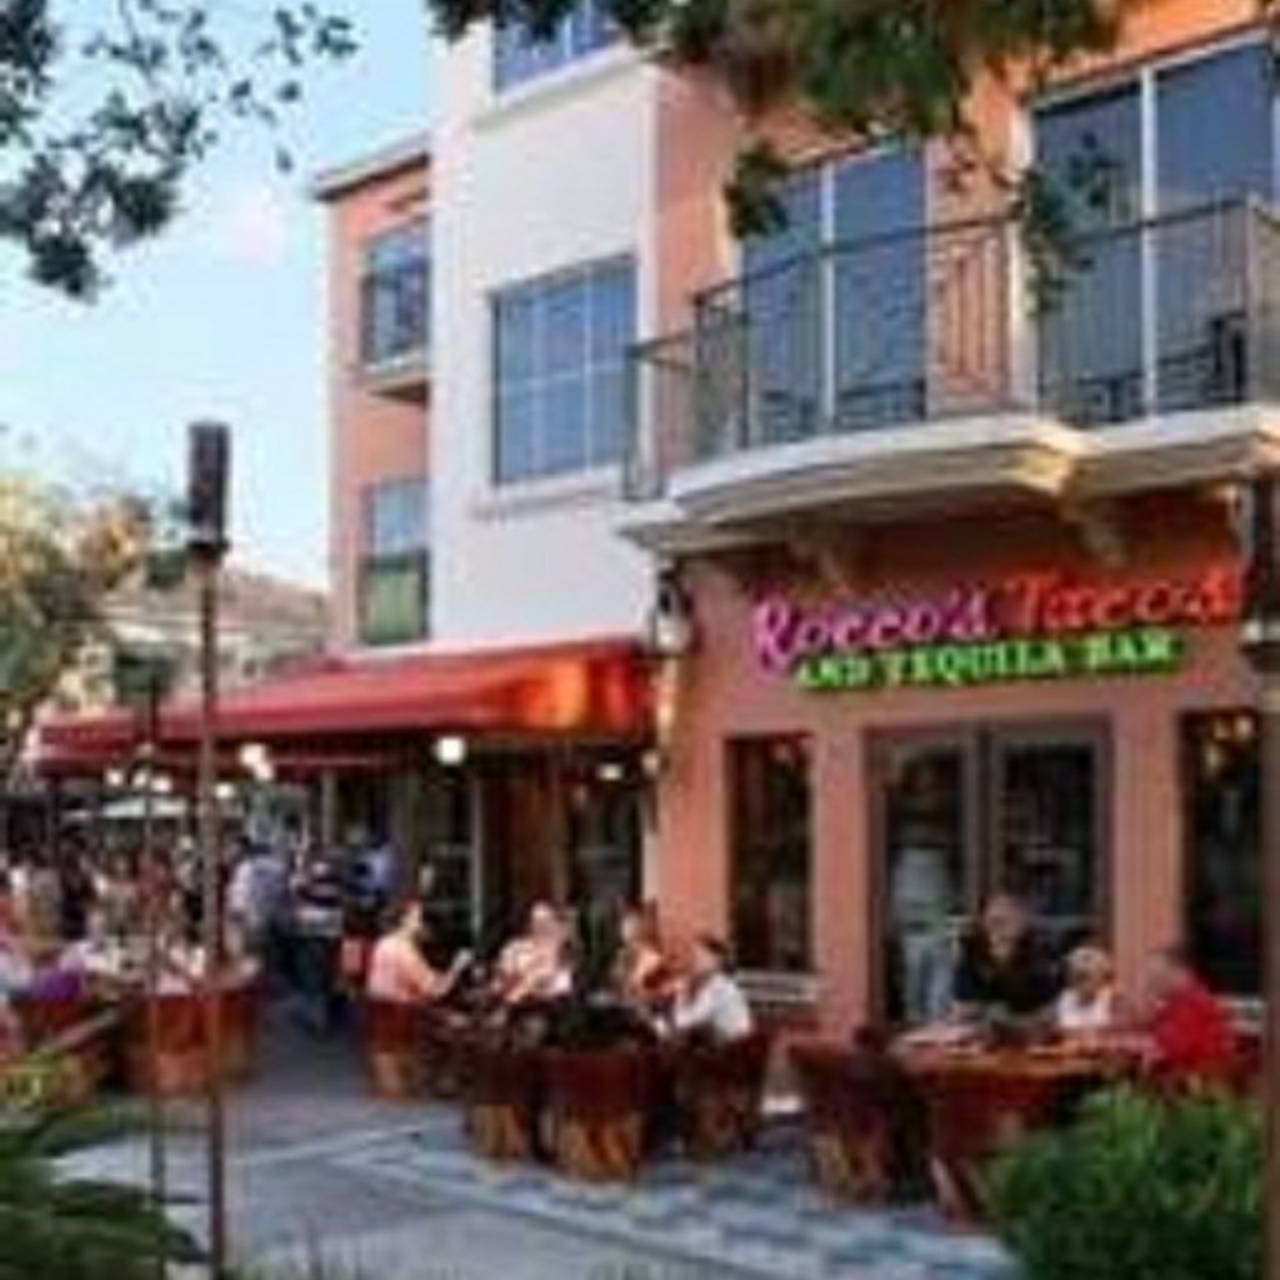 Rocco S Tacos Tequila Bar Pga Palm Beach Gardens